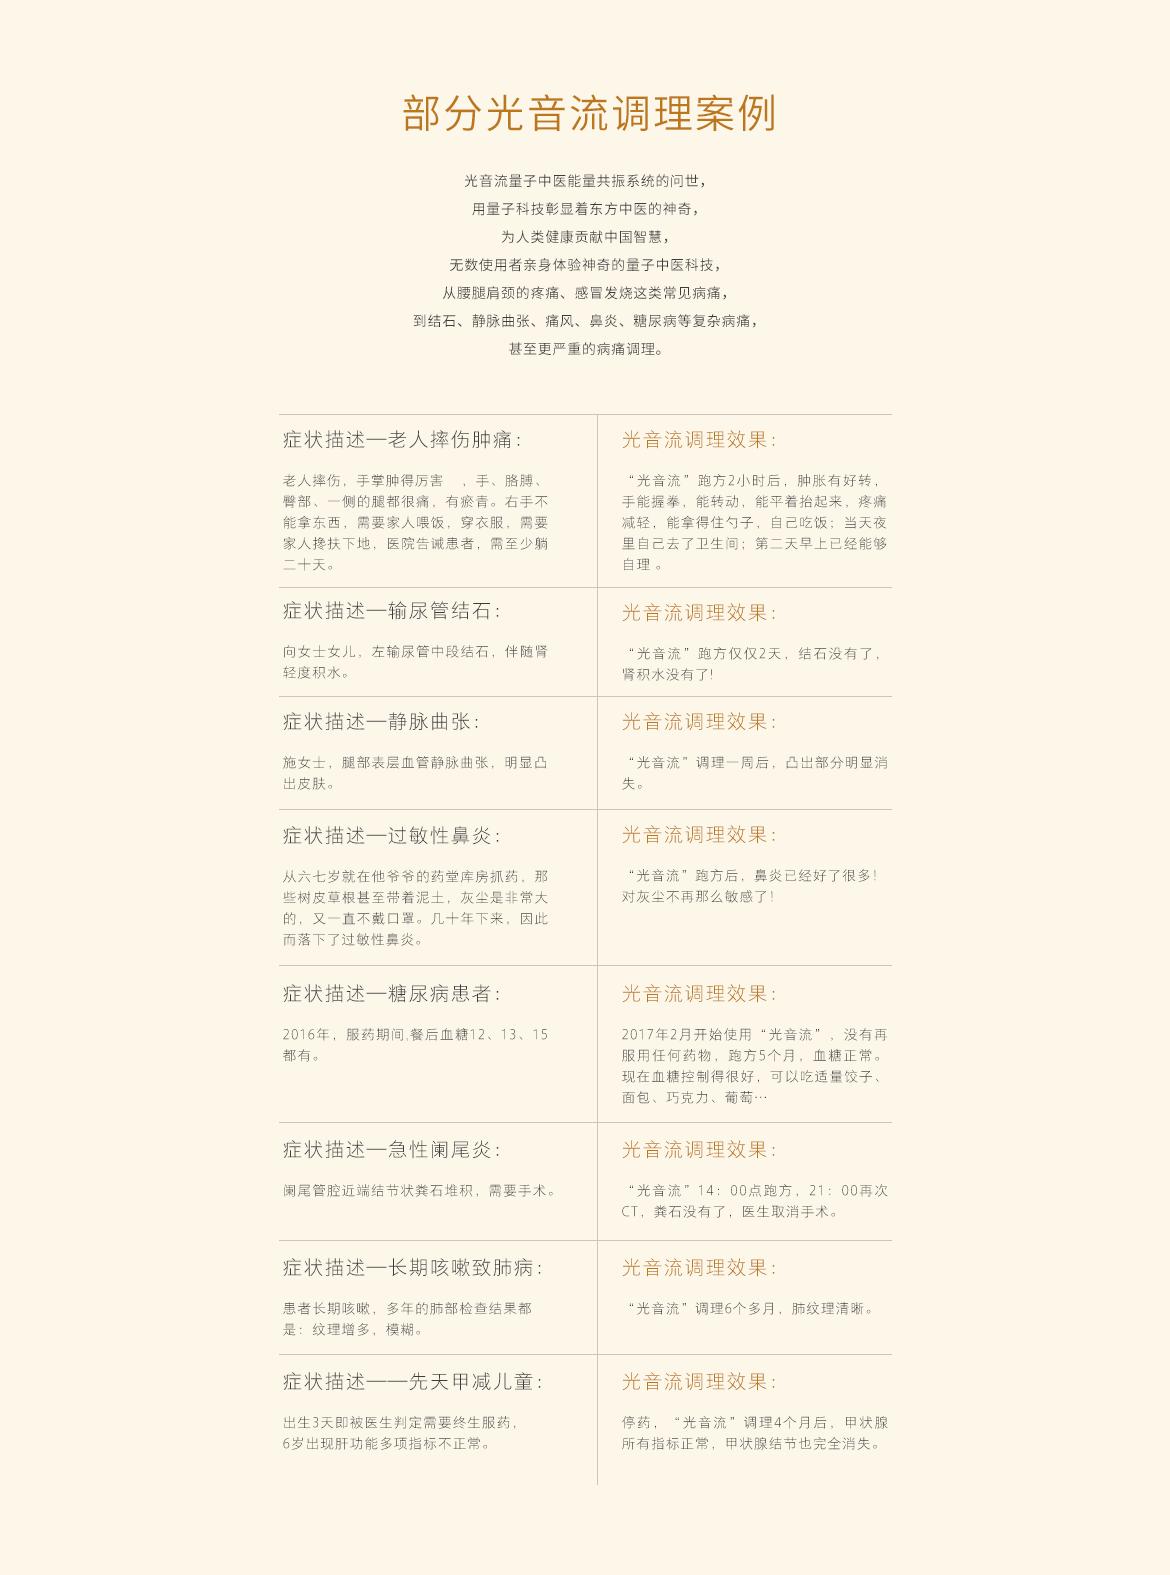 new__0010_部分光音流疗愈案例.png